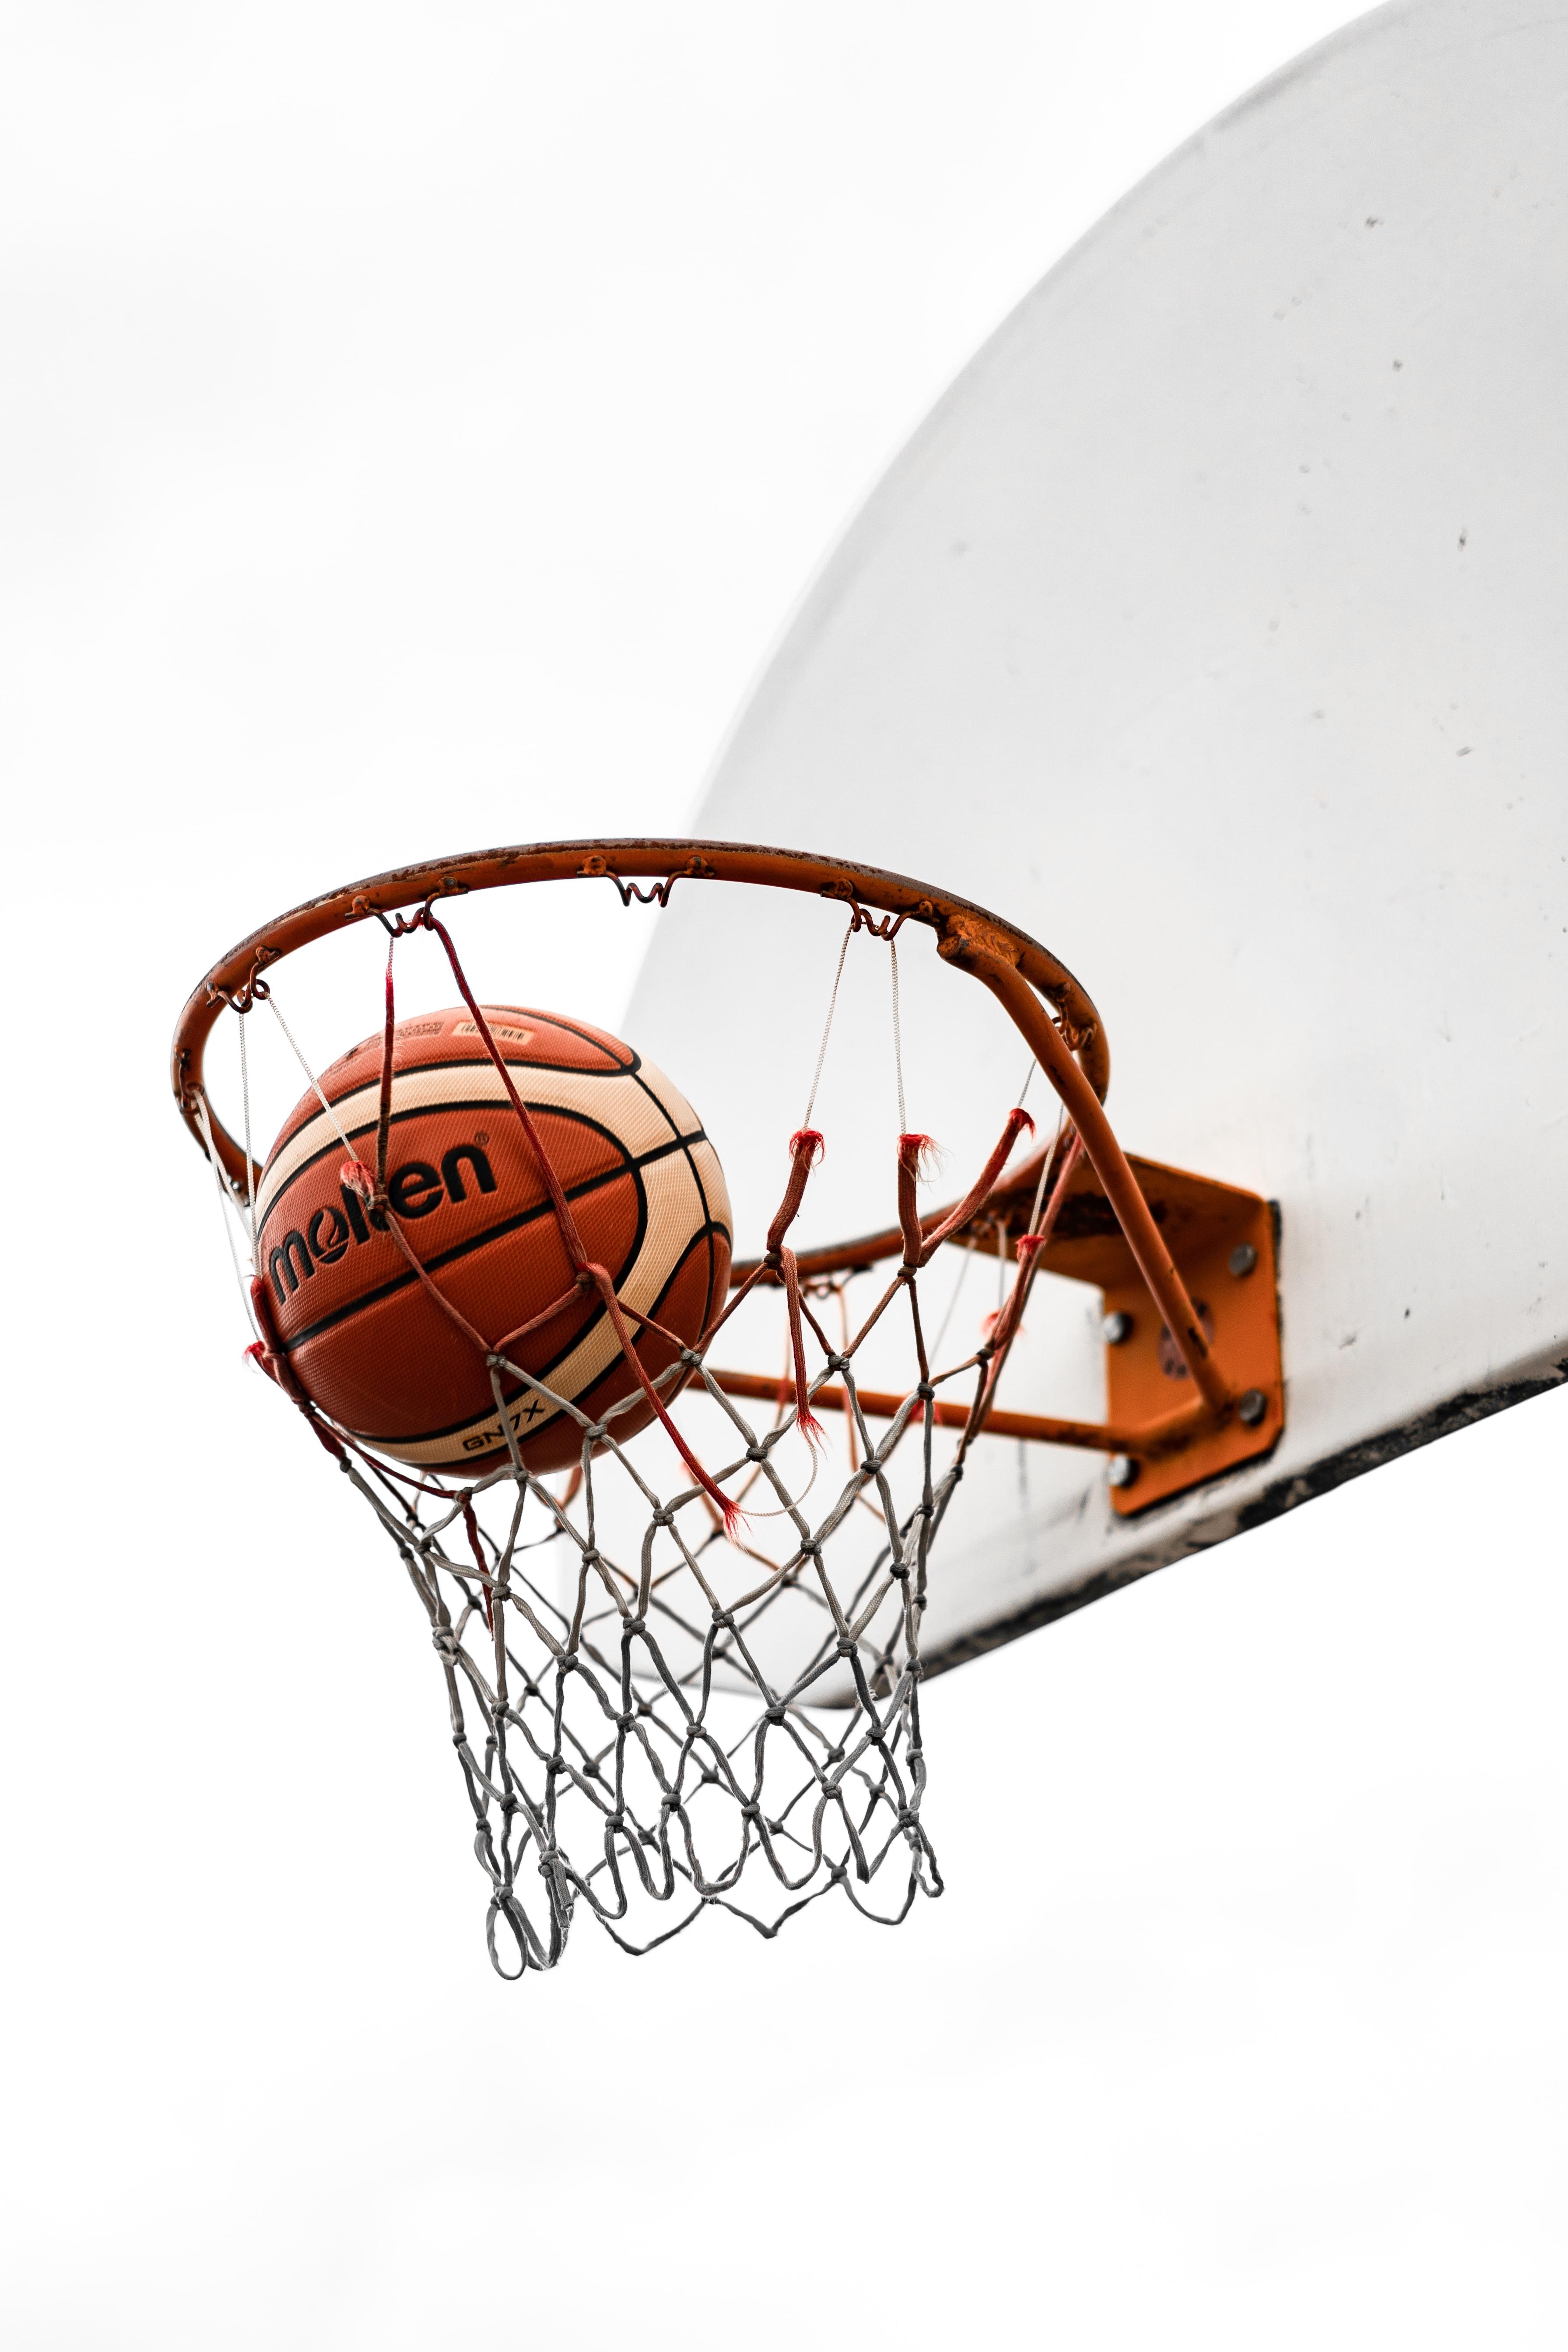 95503 скачать обои Спорт, Баскетбол, Мяч, Баскетбольная Сетка, Баскетбольное Кольцо, Щит - заставки и картинки бесплатно